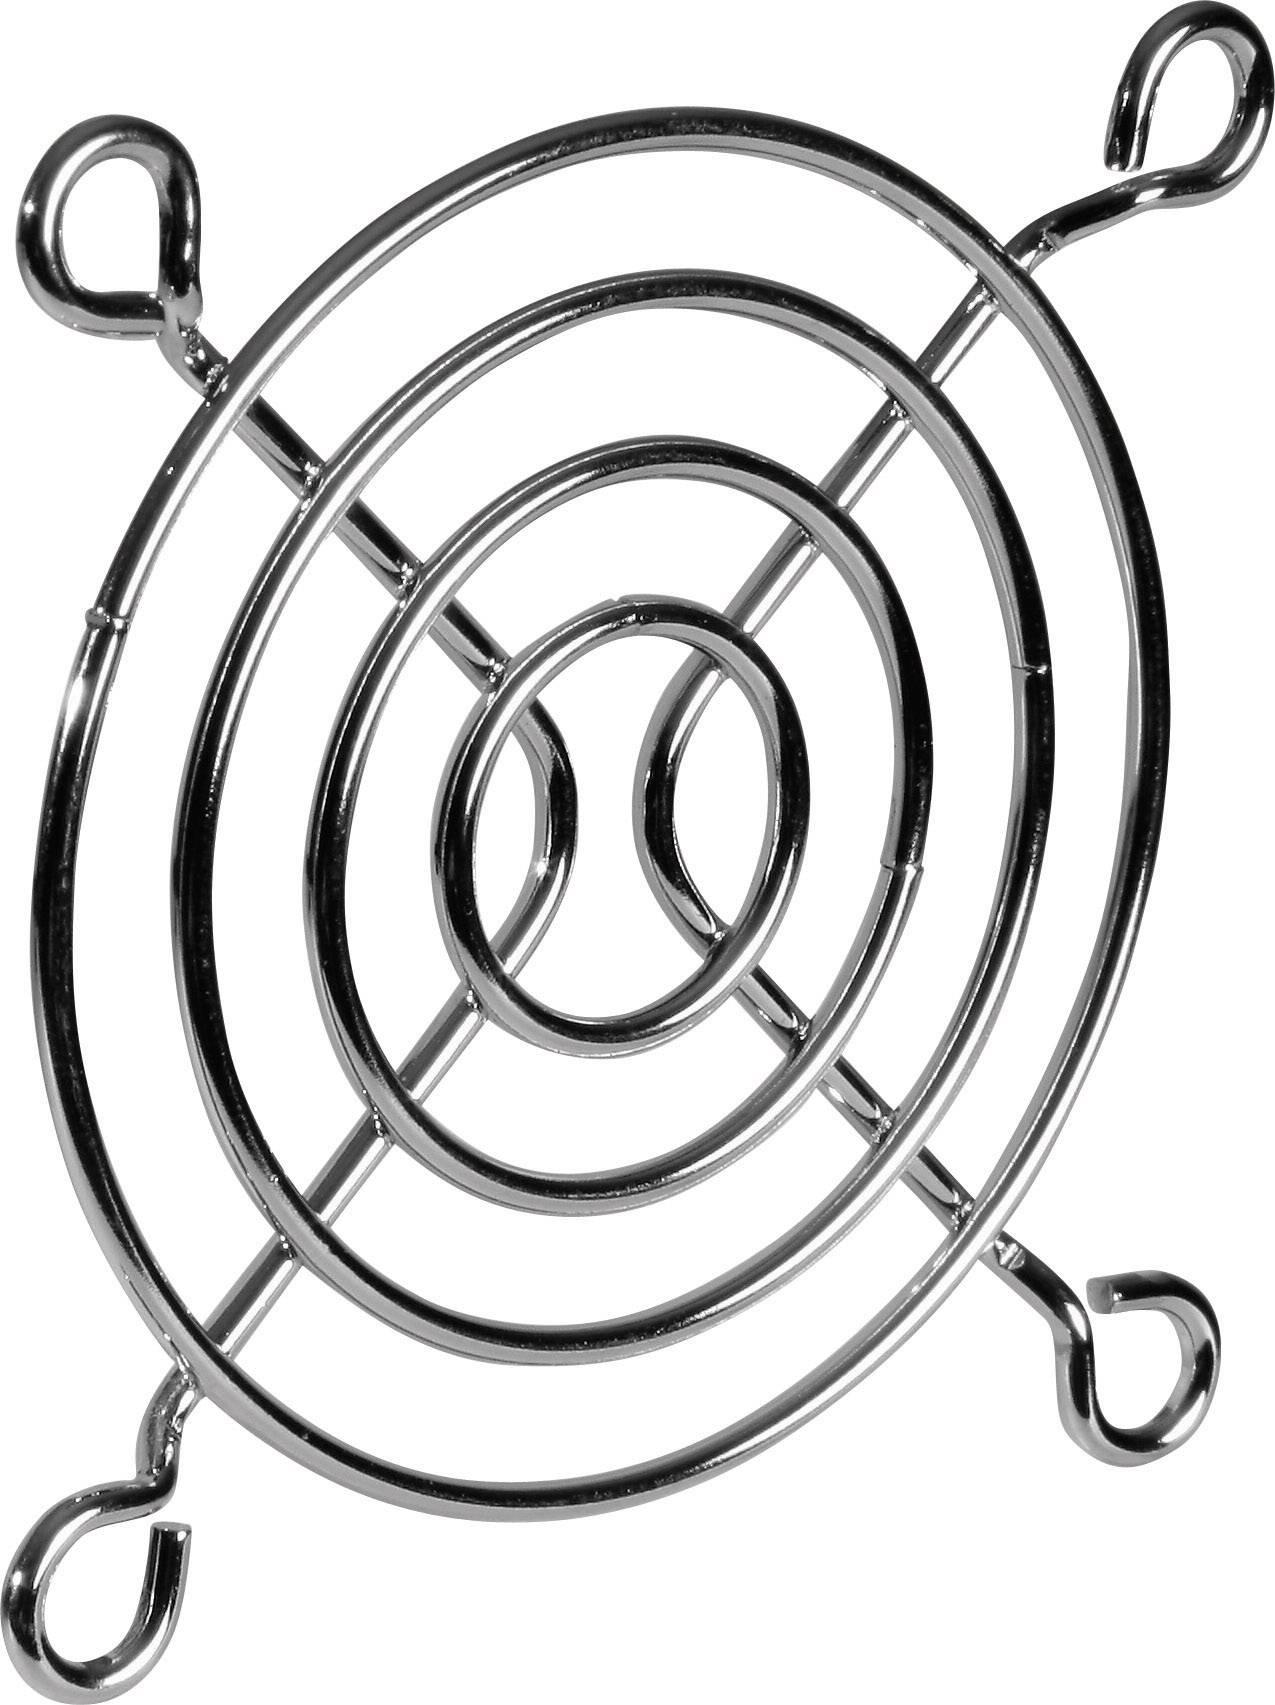 Vetracia mriežka SEPA;915010000, (š x v) 50 mm x 50 mm, 1 ks, oceľ, pochrómovaný